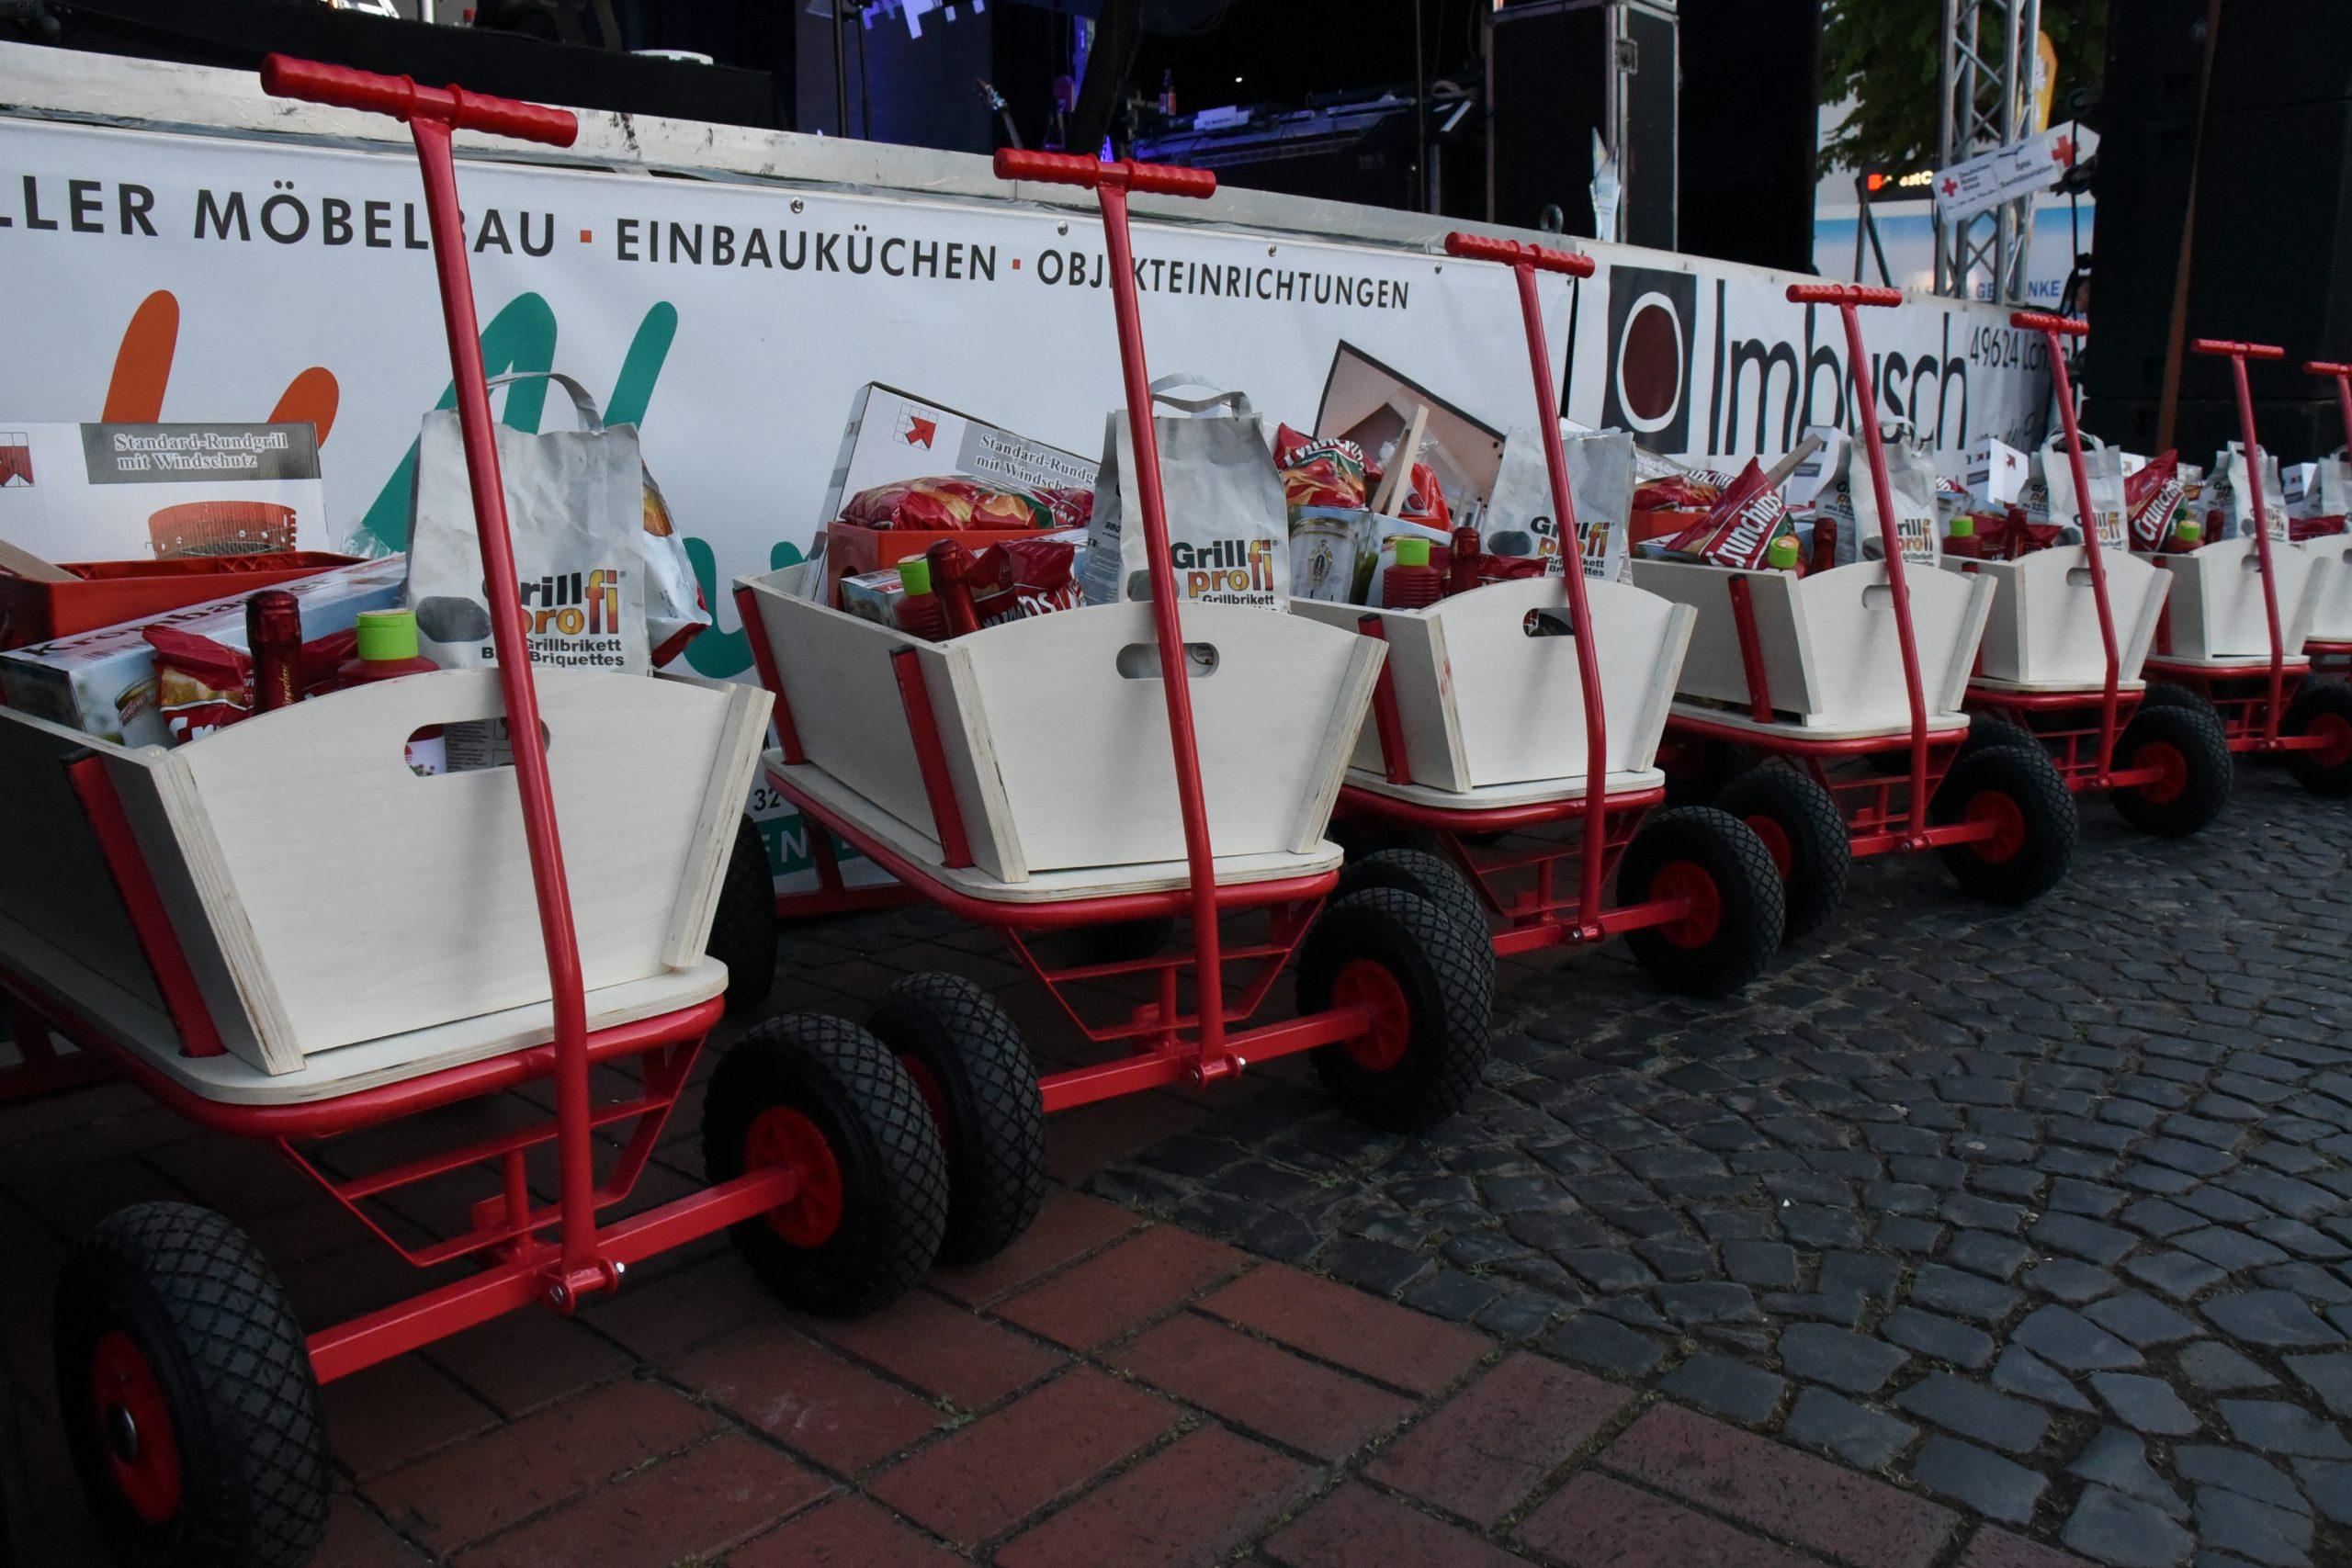 zum Bild:Zwei prall gefüllte Bollerwagen gibt es beim KAAPKE-Firmenlauf (10 km) zu gewinnen. Foto: Matthias Garwels.